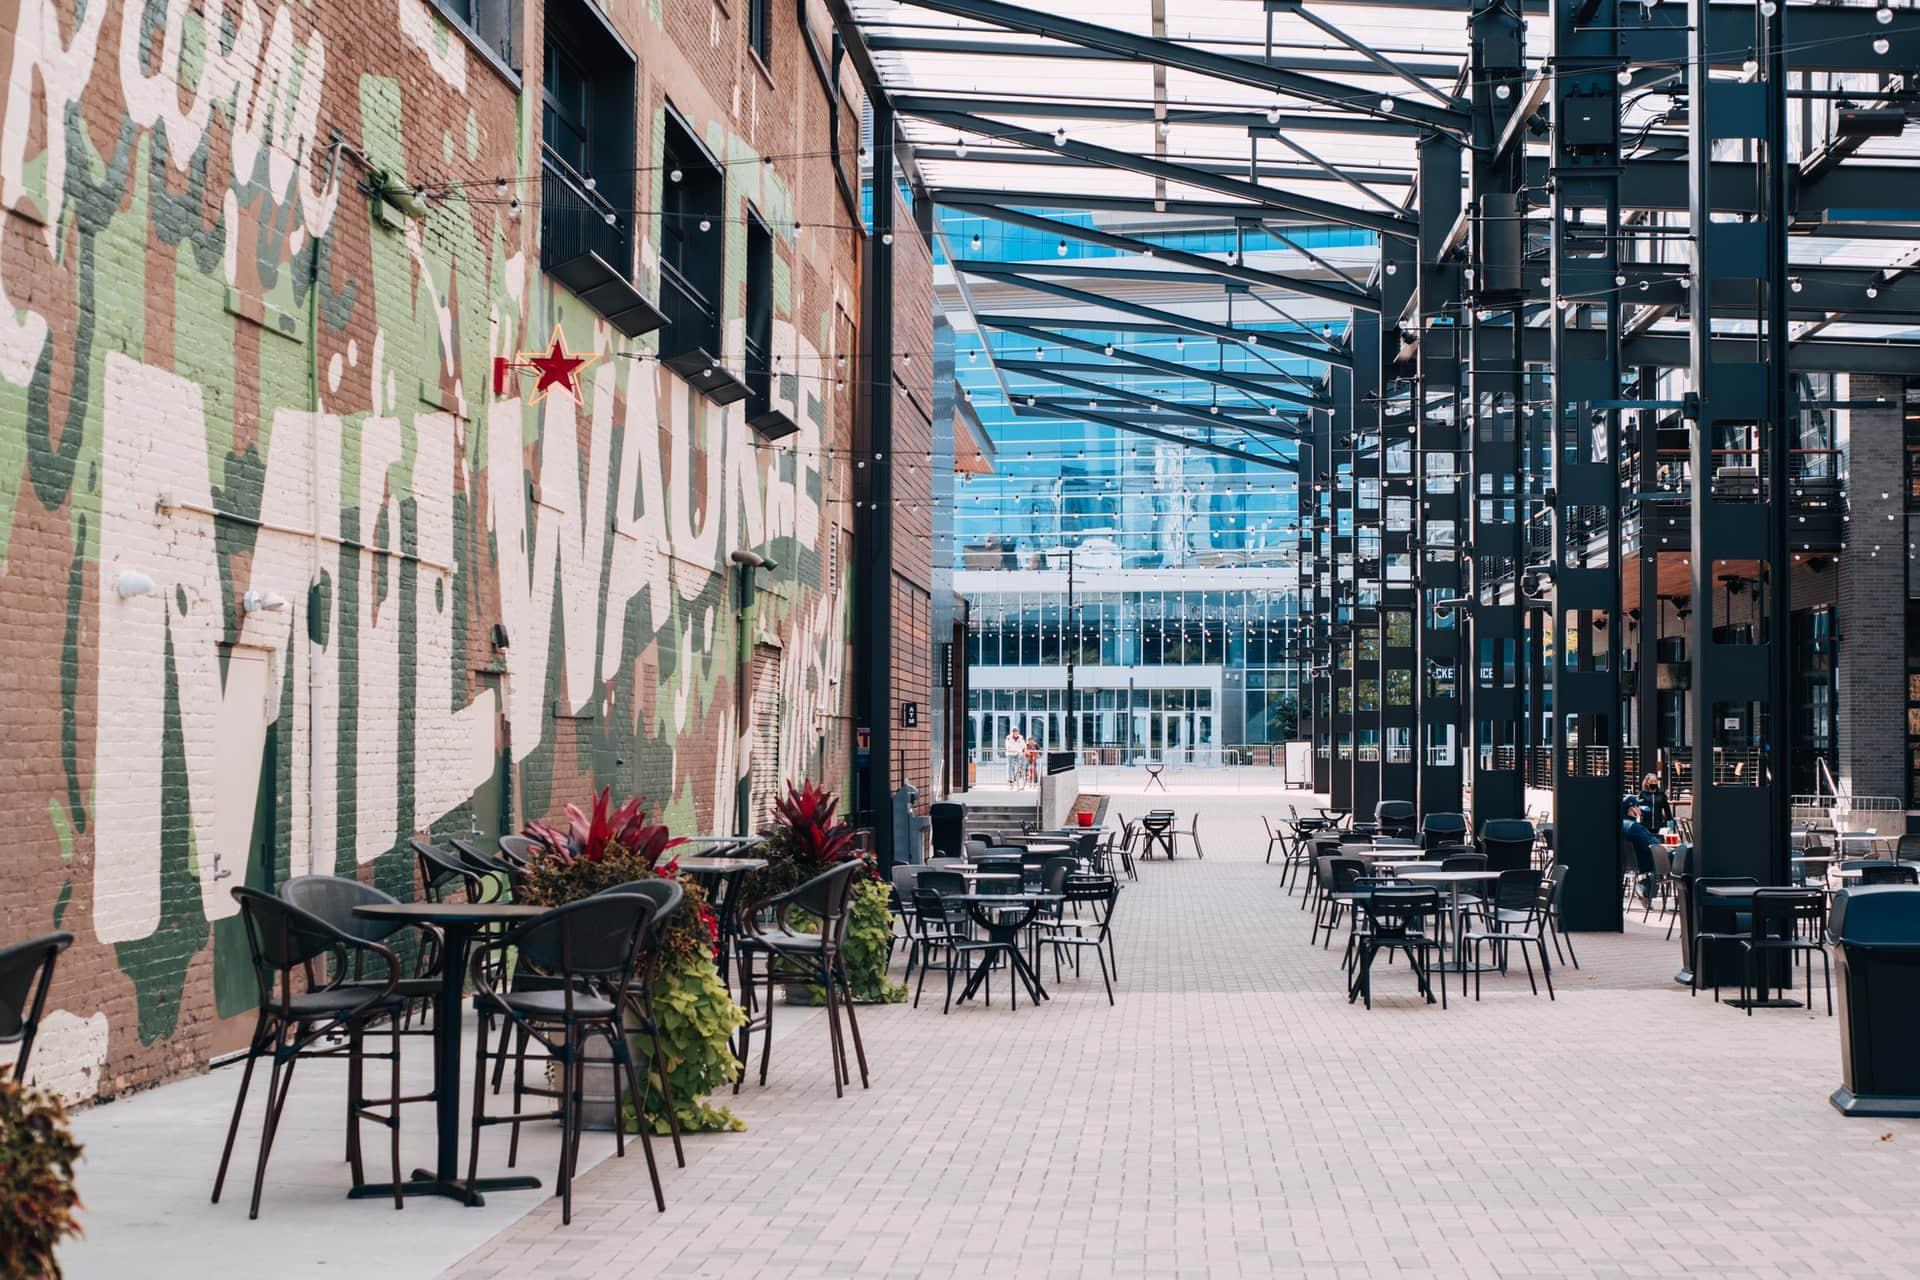 patio-restaurants